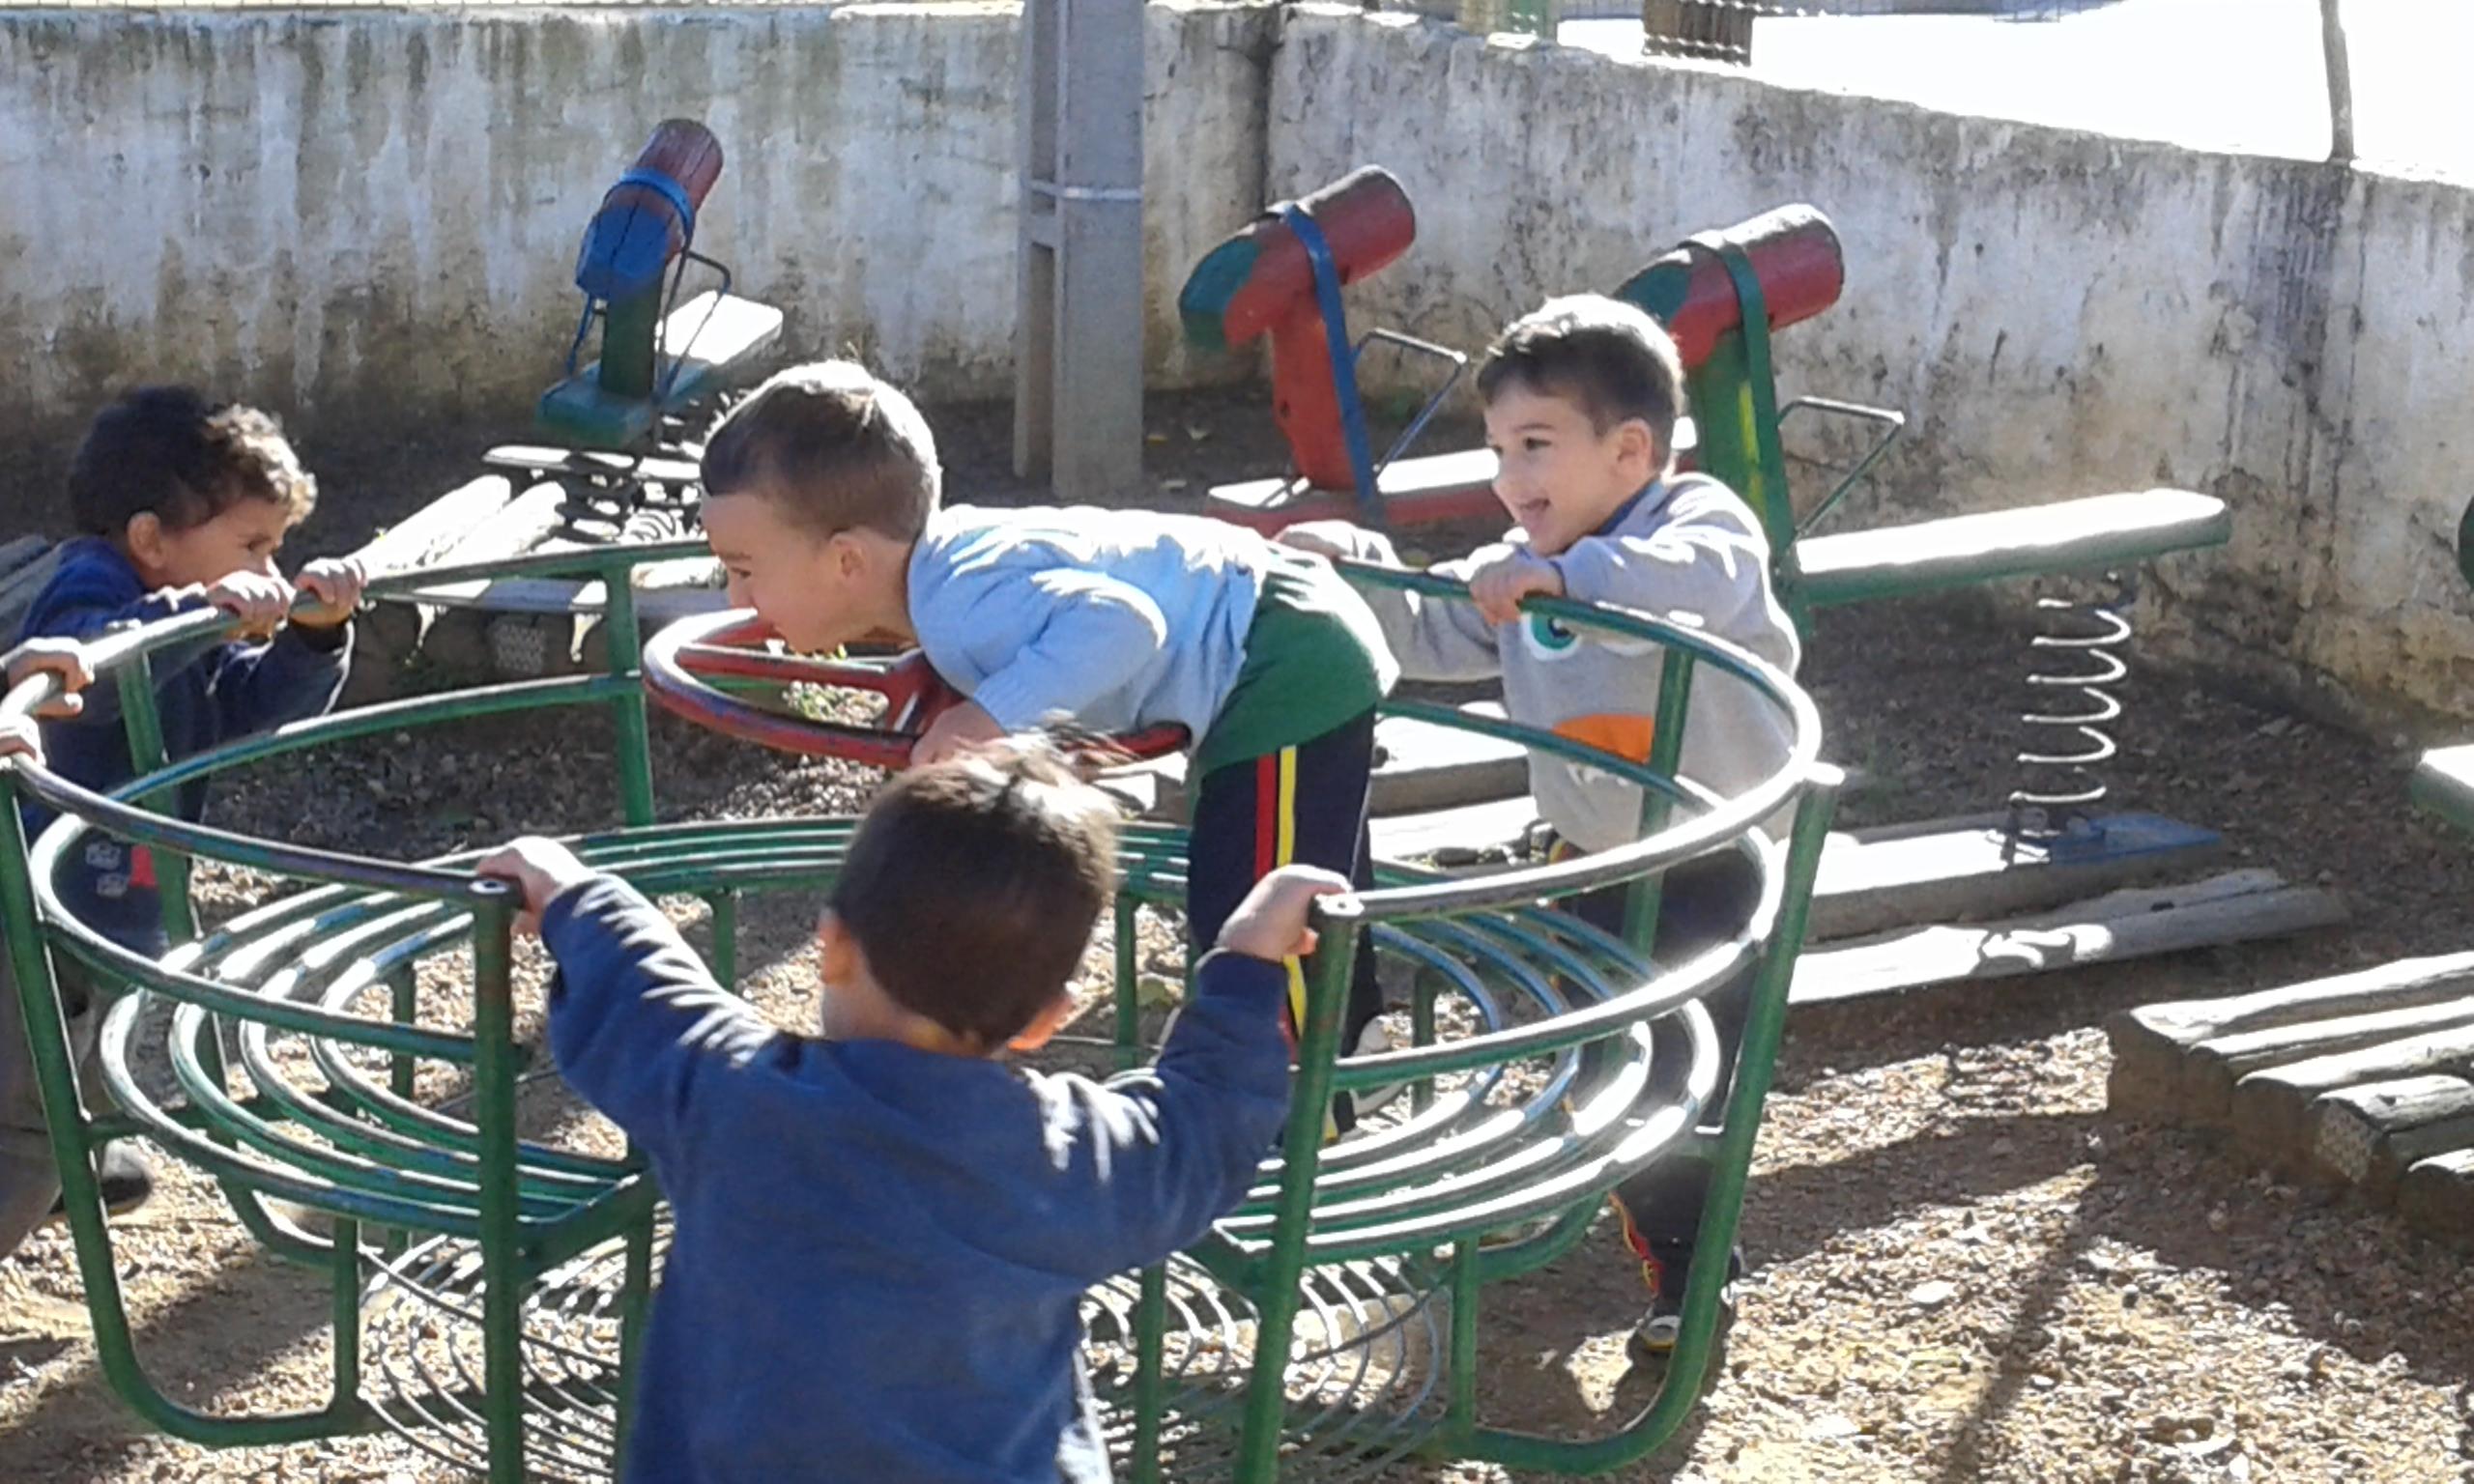 Prefeitura Municipal de Criciúma - II Seminário de Educação Infantil vai debater desafios do cotidiano escolar